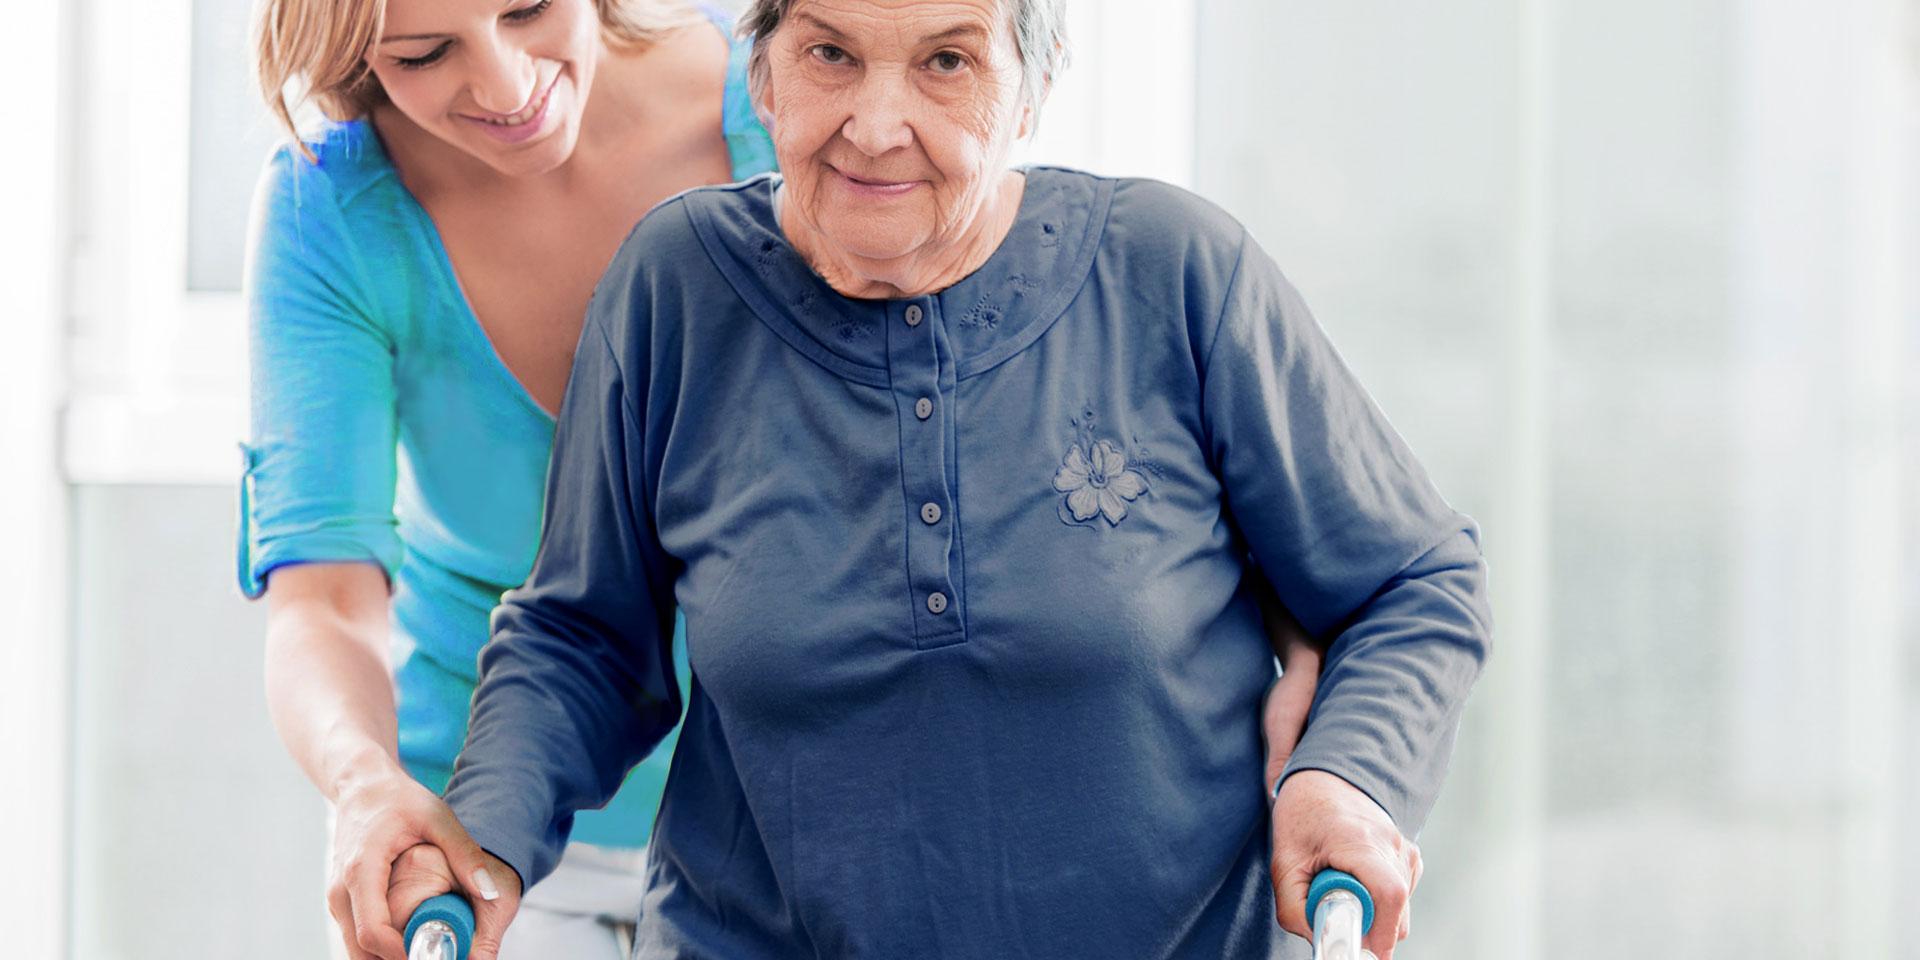 verhinderungspflege bei Bleeke und Schwope